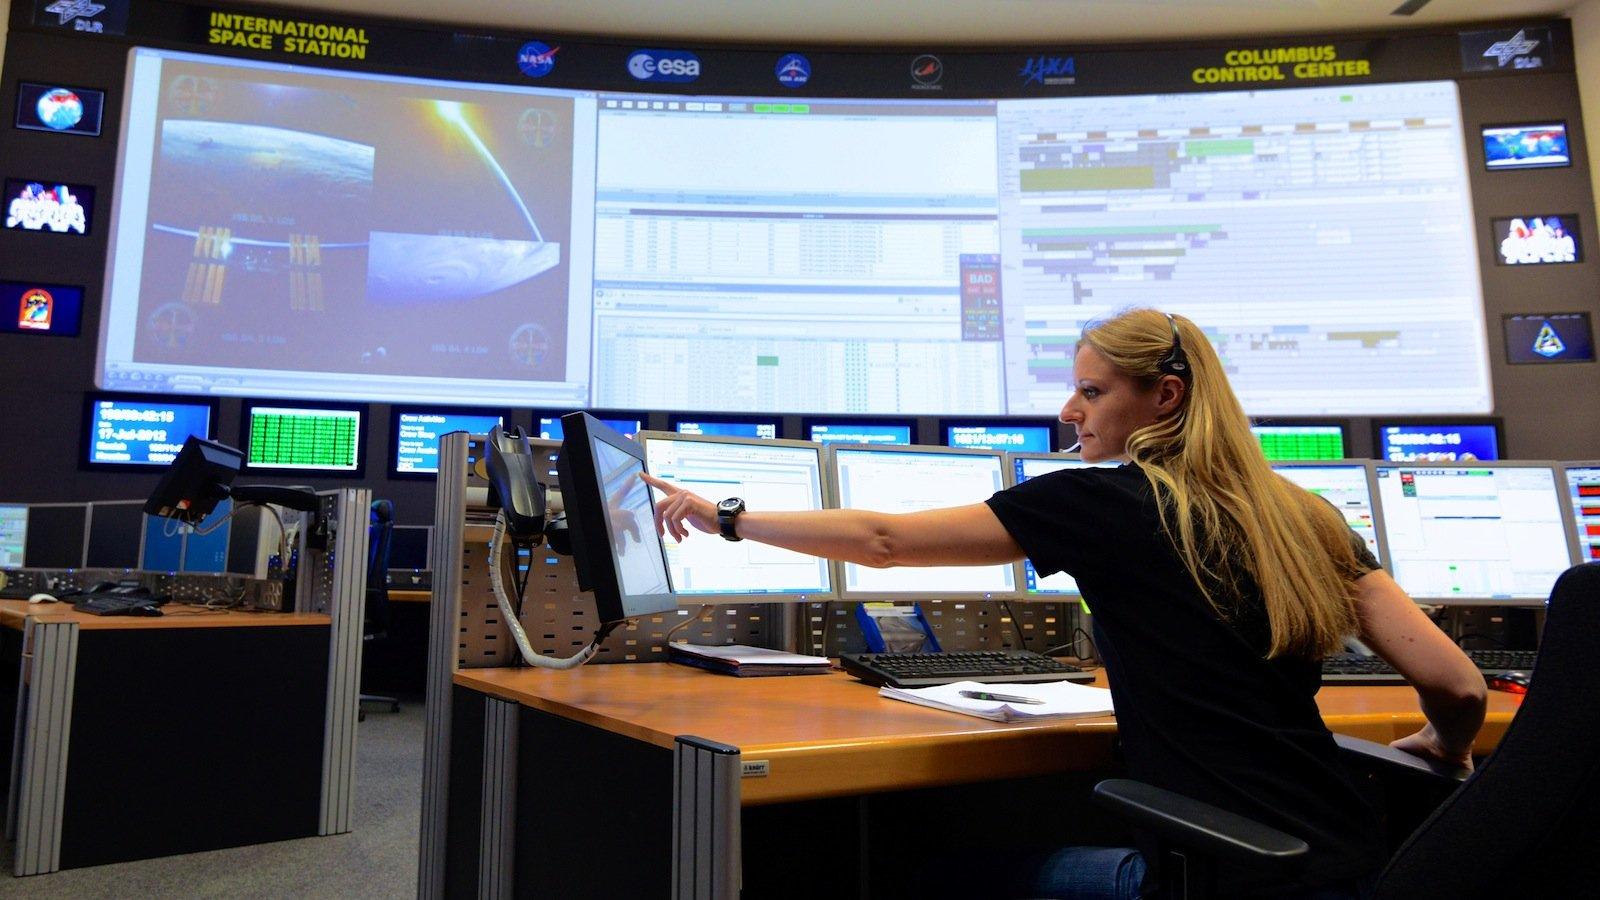 Blick in einen Kontrollraum des deutschen Raumfahrtkontrollzentrums (GSOC) in Oberpfaffenhofen bei München. Es gehört zum DLR Raumflugbetrieb und Astronautentraining, der zentralen Einrichtung für die Durchführung von Raumflugmissionen in Deutschland.